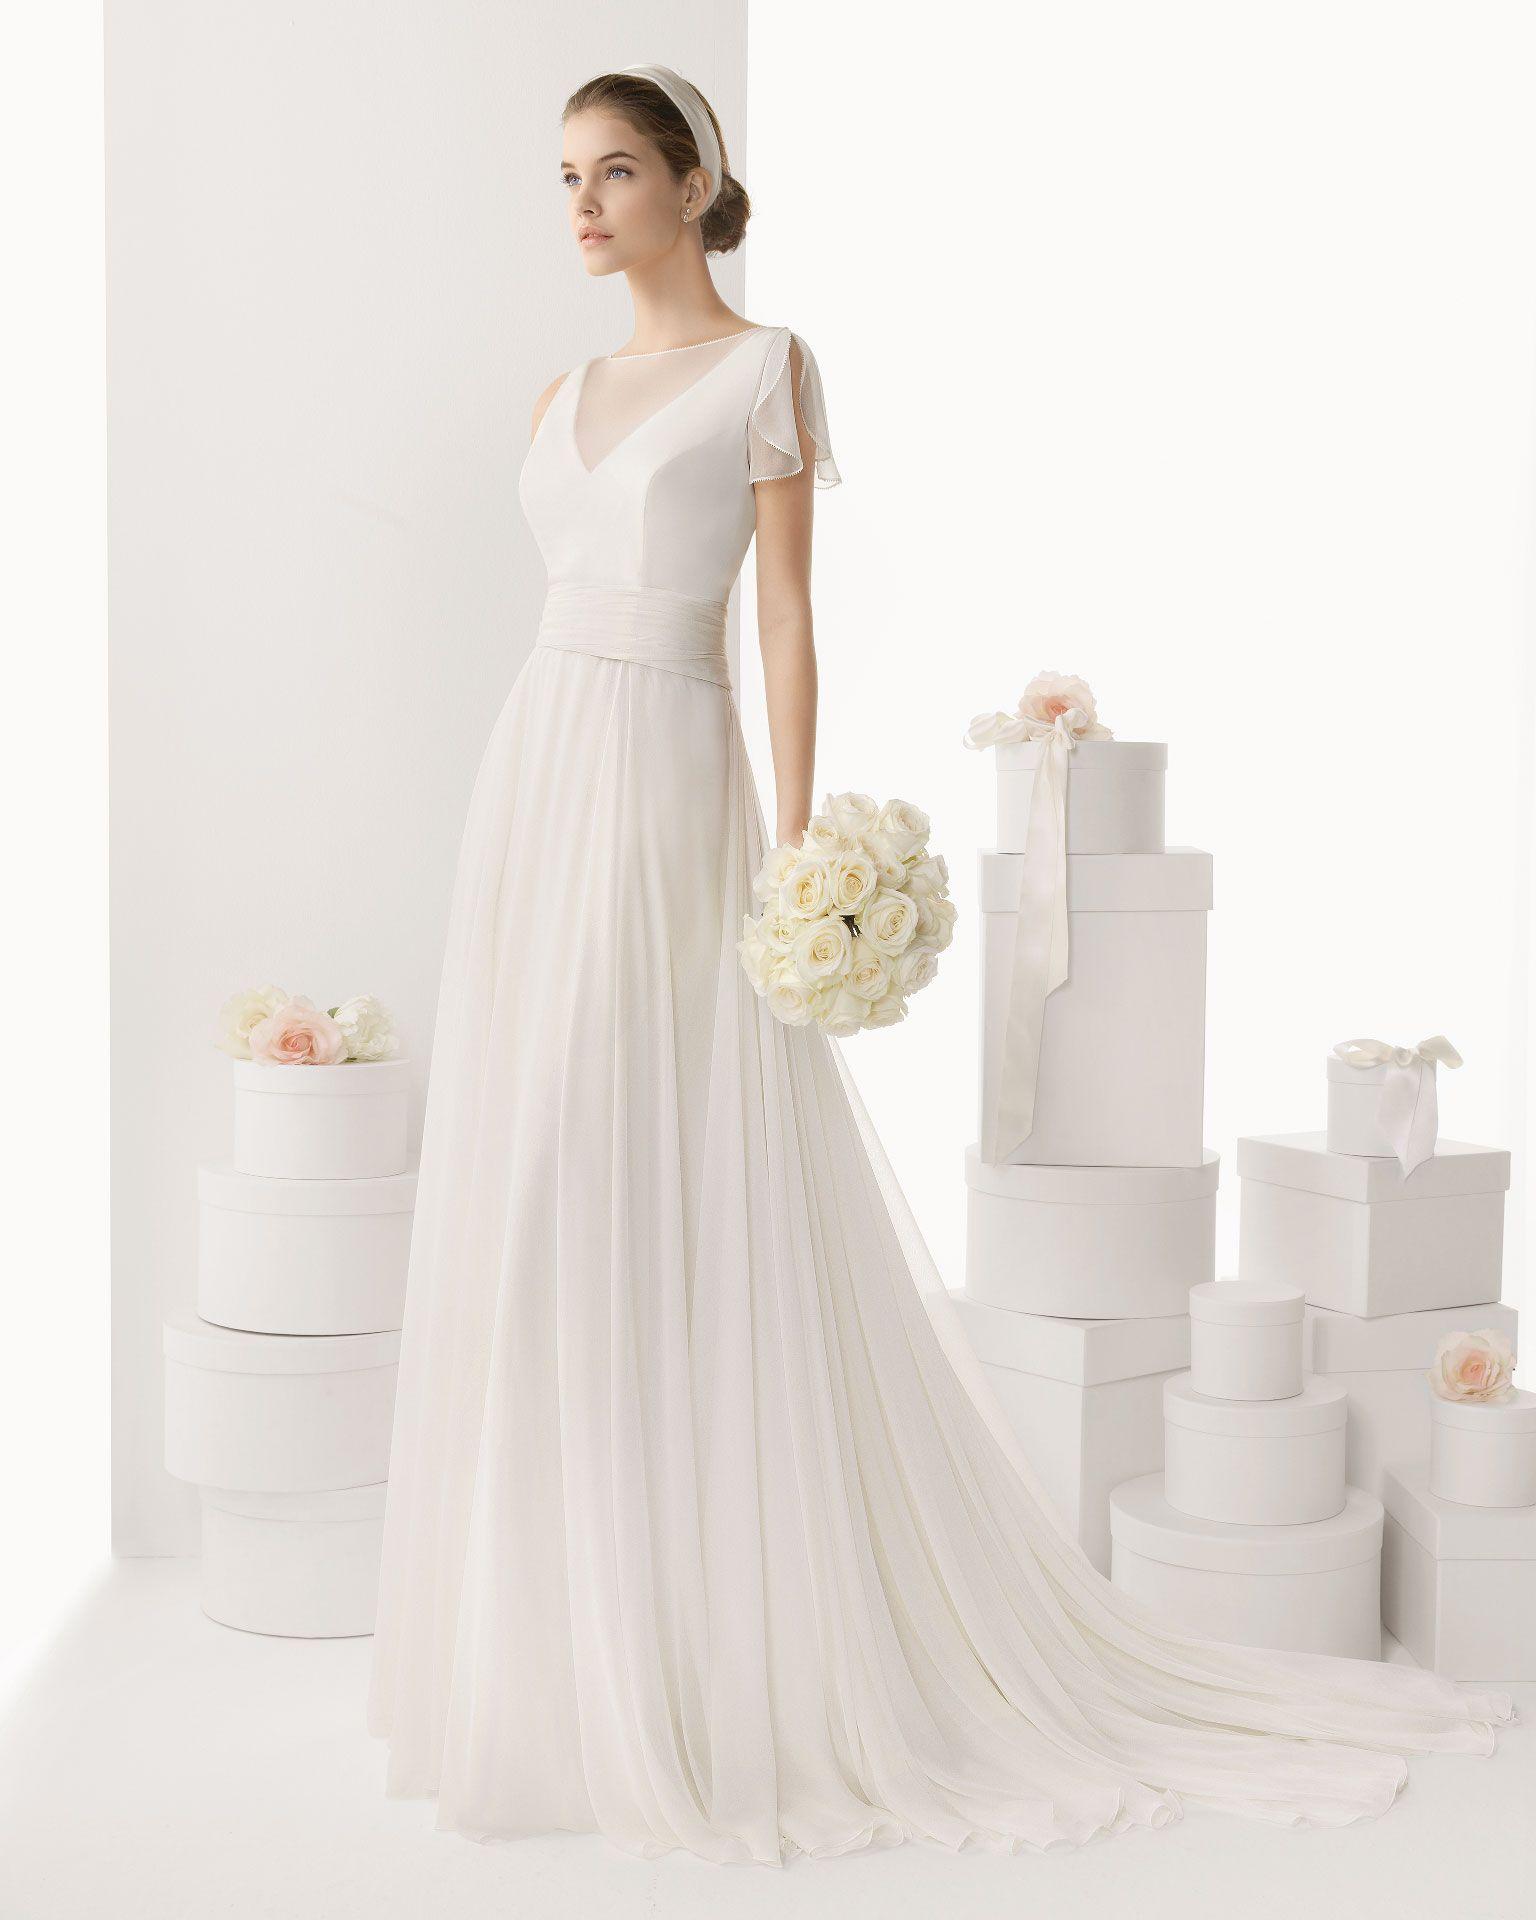 CANCUN - Vestido en gasa de seda, en color naturalT26 Diadema de gasa de seda, en color natural